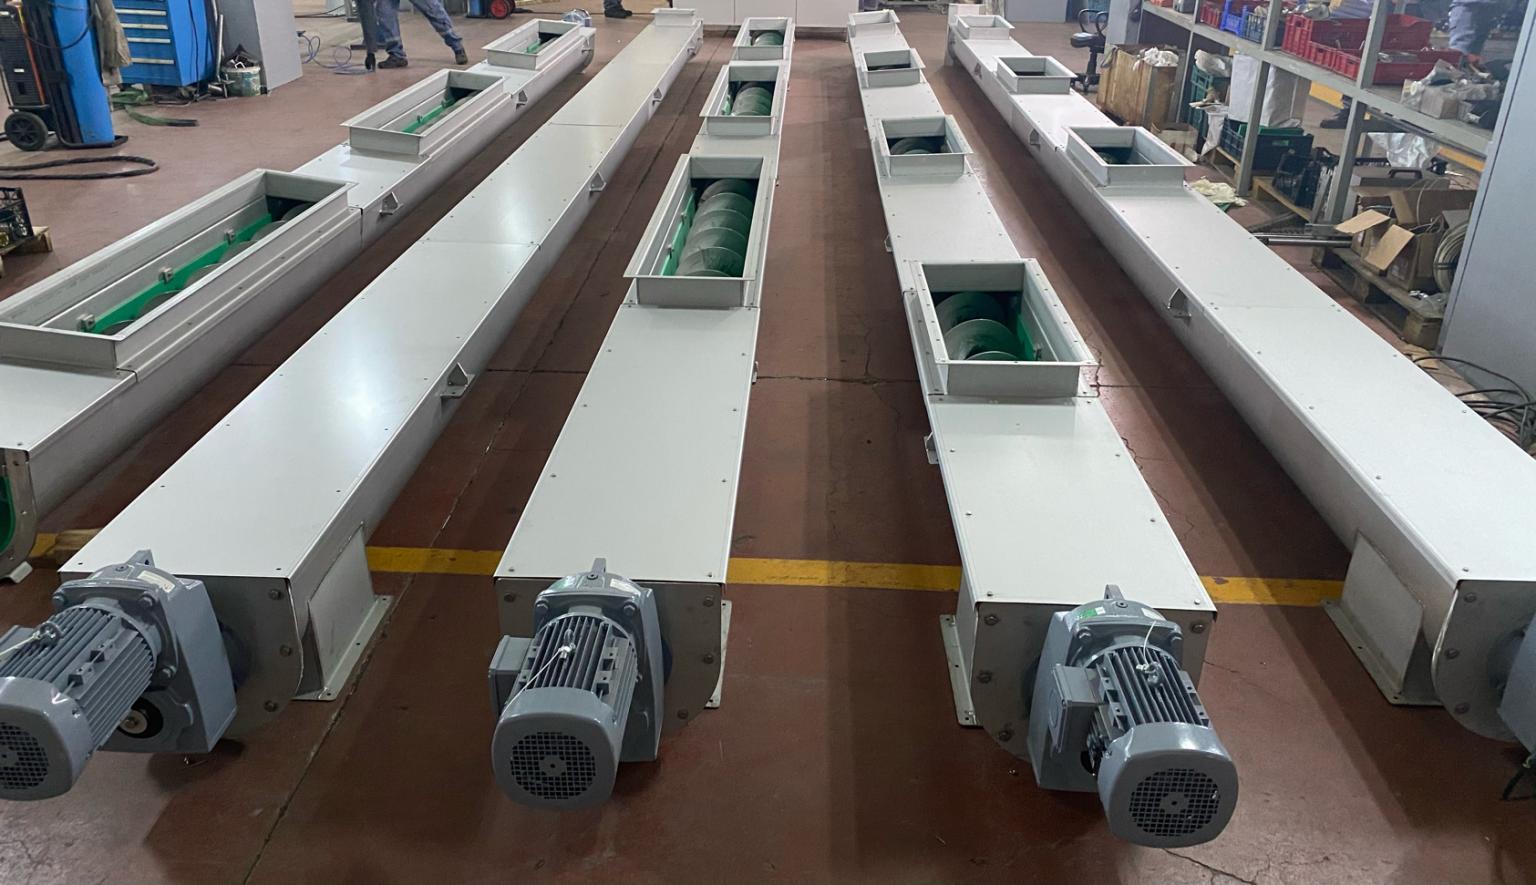 Van Atıksu Arıtma Tesisinin helezon konveyörleri tamamlanmış olup, teslim için son kontrolleri devam etmektedir.